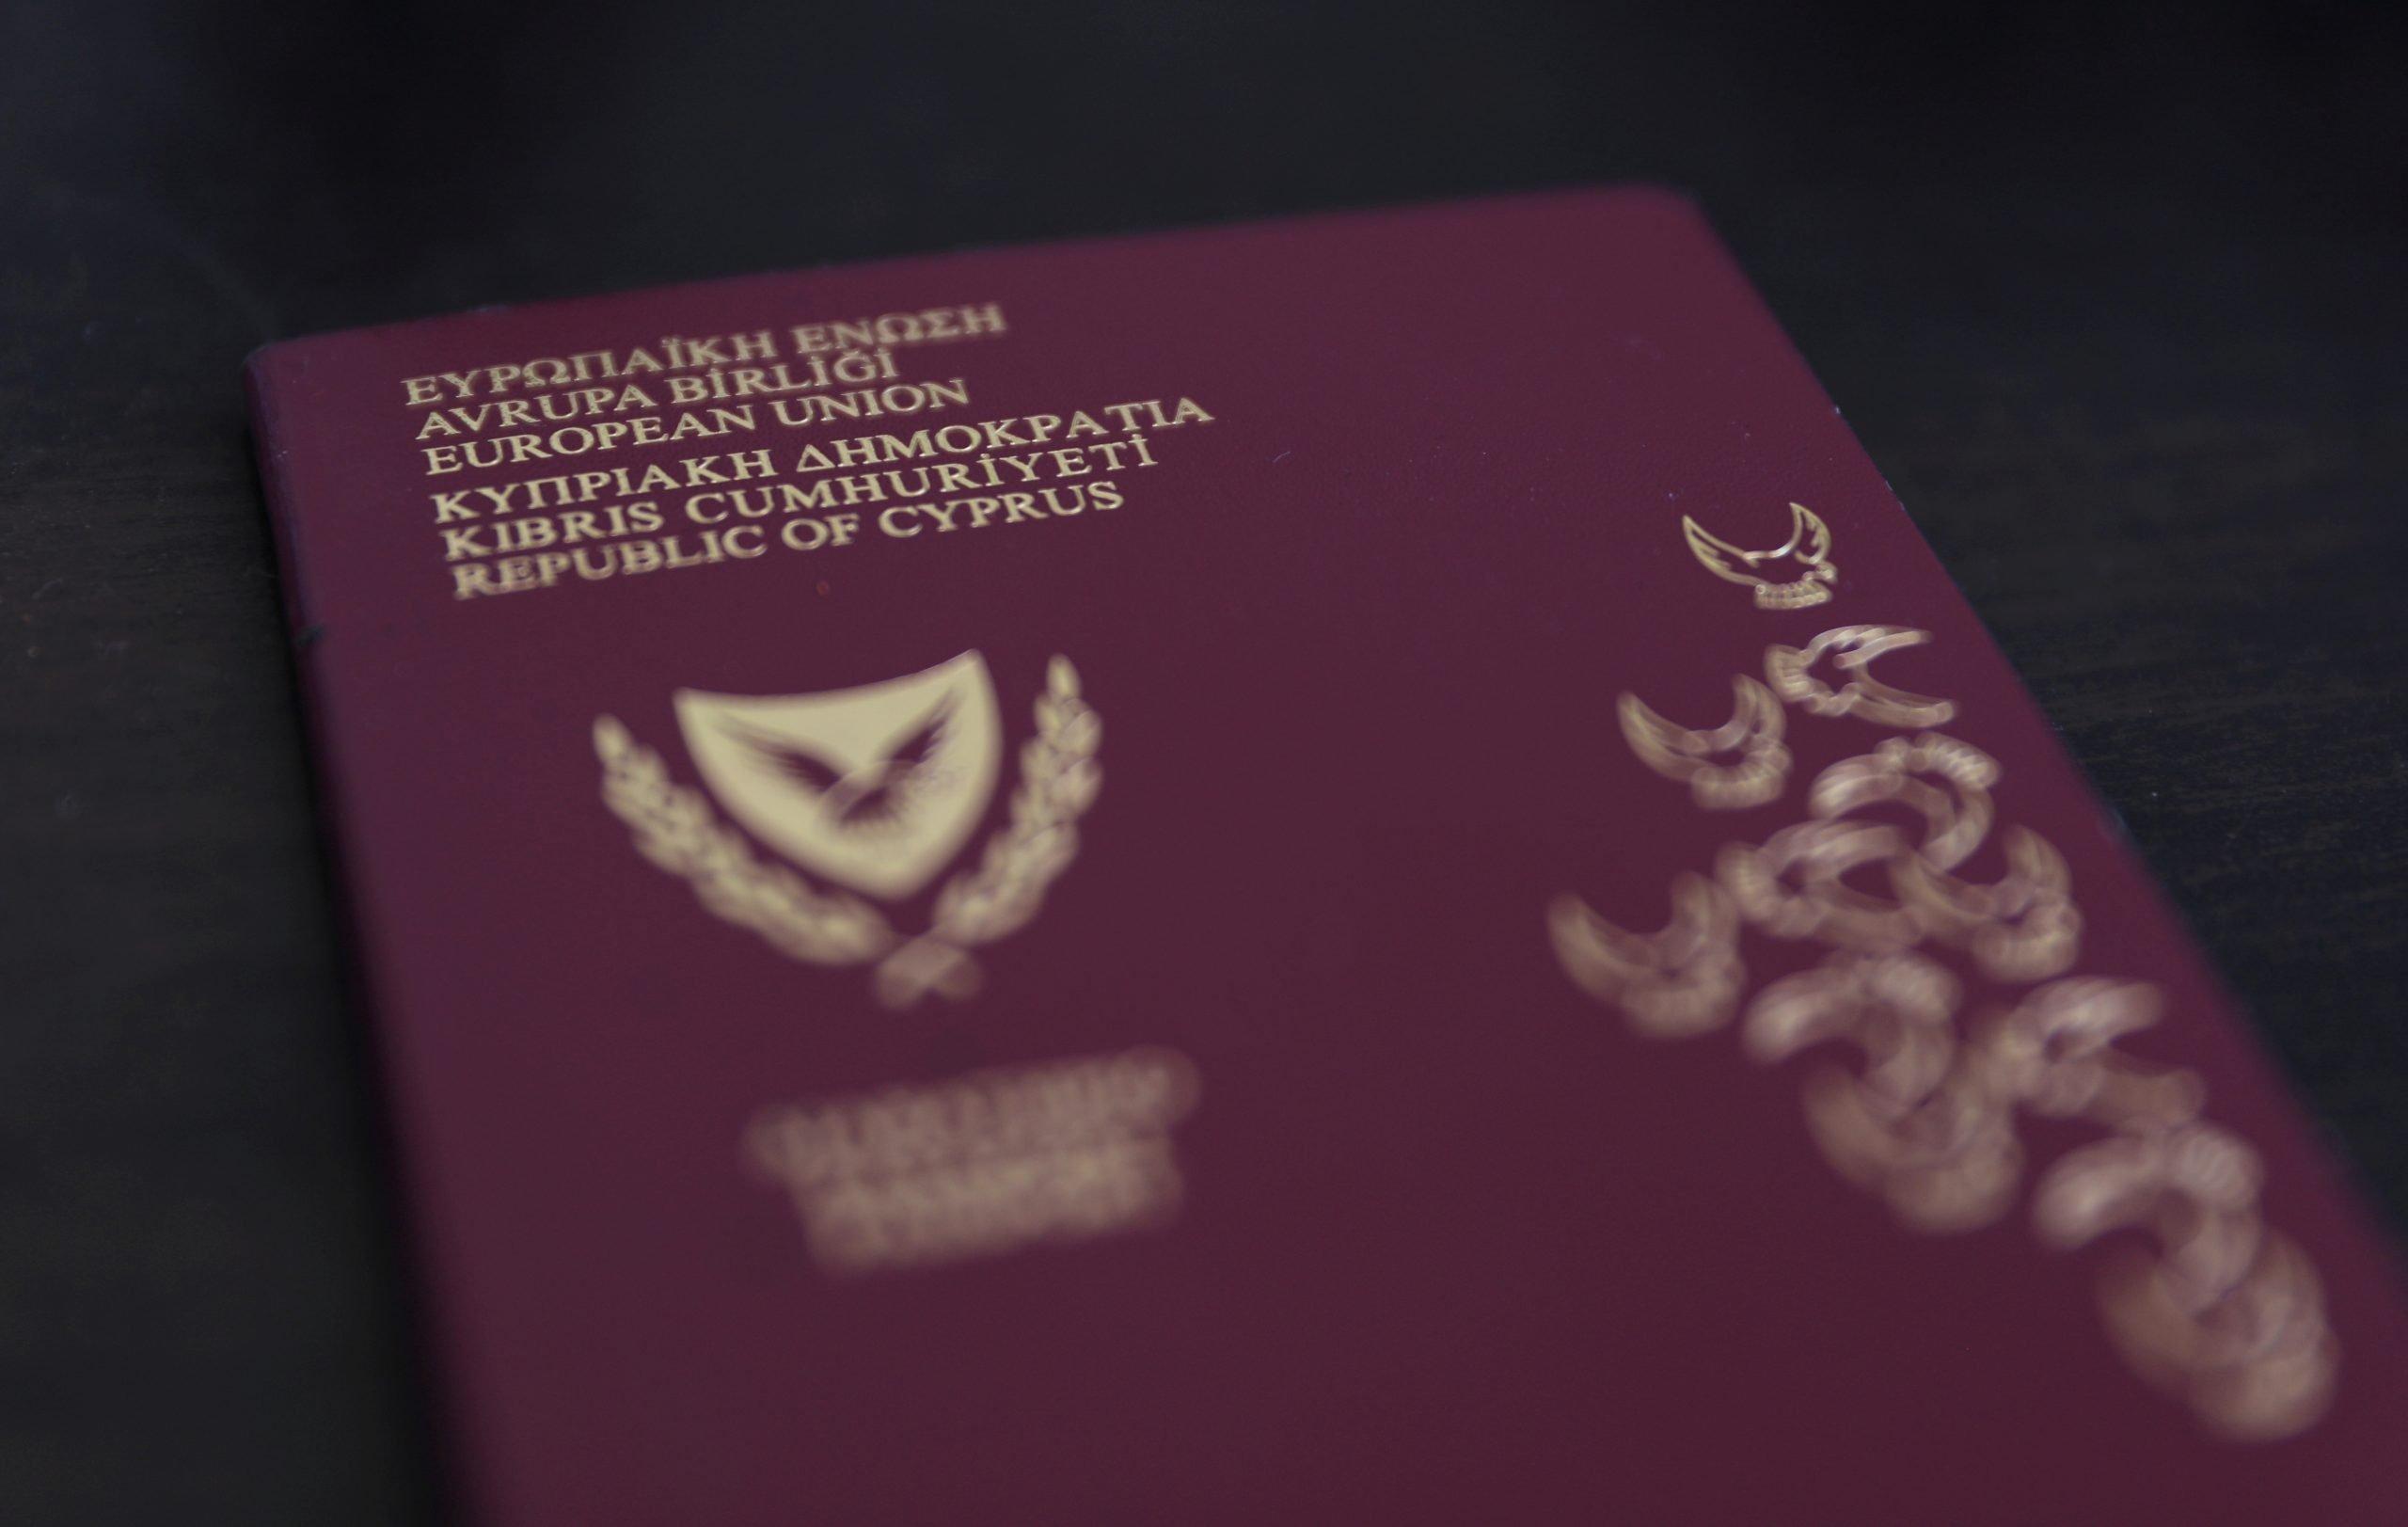 Η κυβέρνηση δημοσιεύει αναδιατυπωμένη αναφορά στο πρόγραμμα ιθαγένειας (ενημερωμένο)